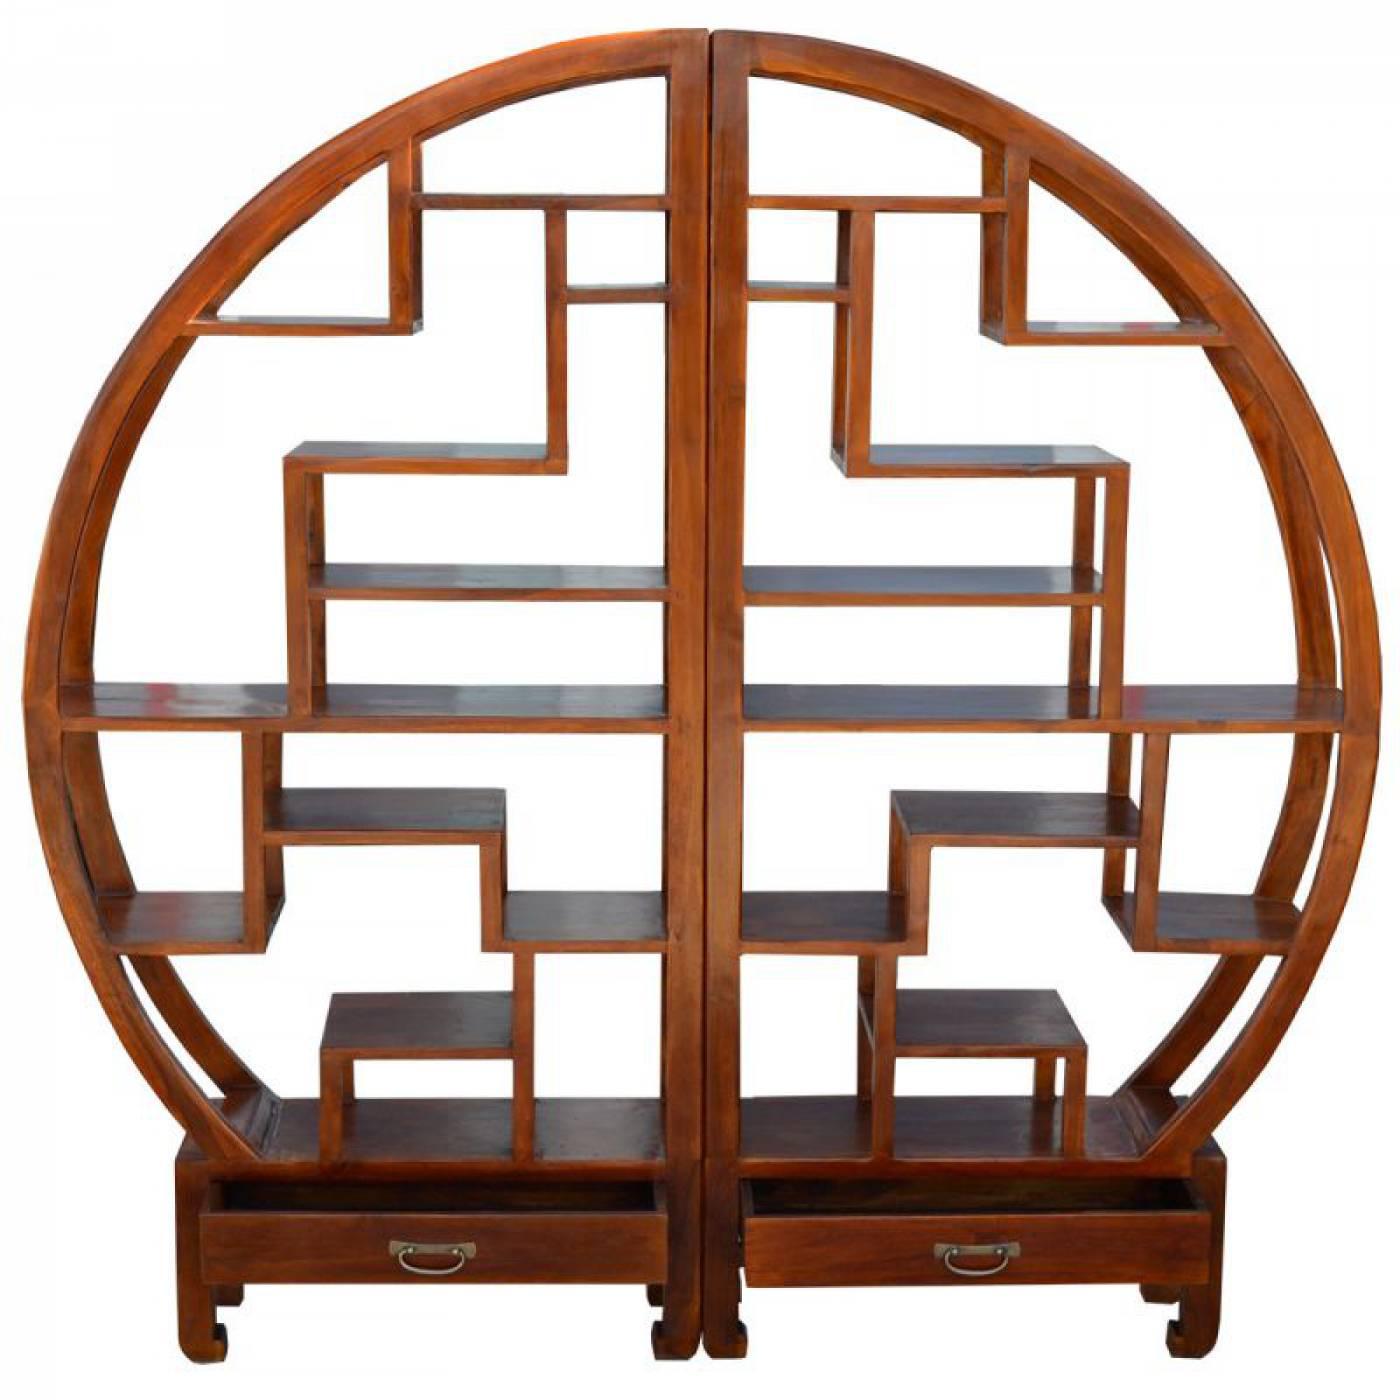 pour le plaisir d 39 une mikka bozu de la vaisselle dans des tag res une. Black Bedroom Furniture Sets. Home Design Ideas